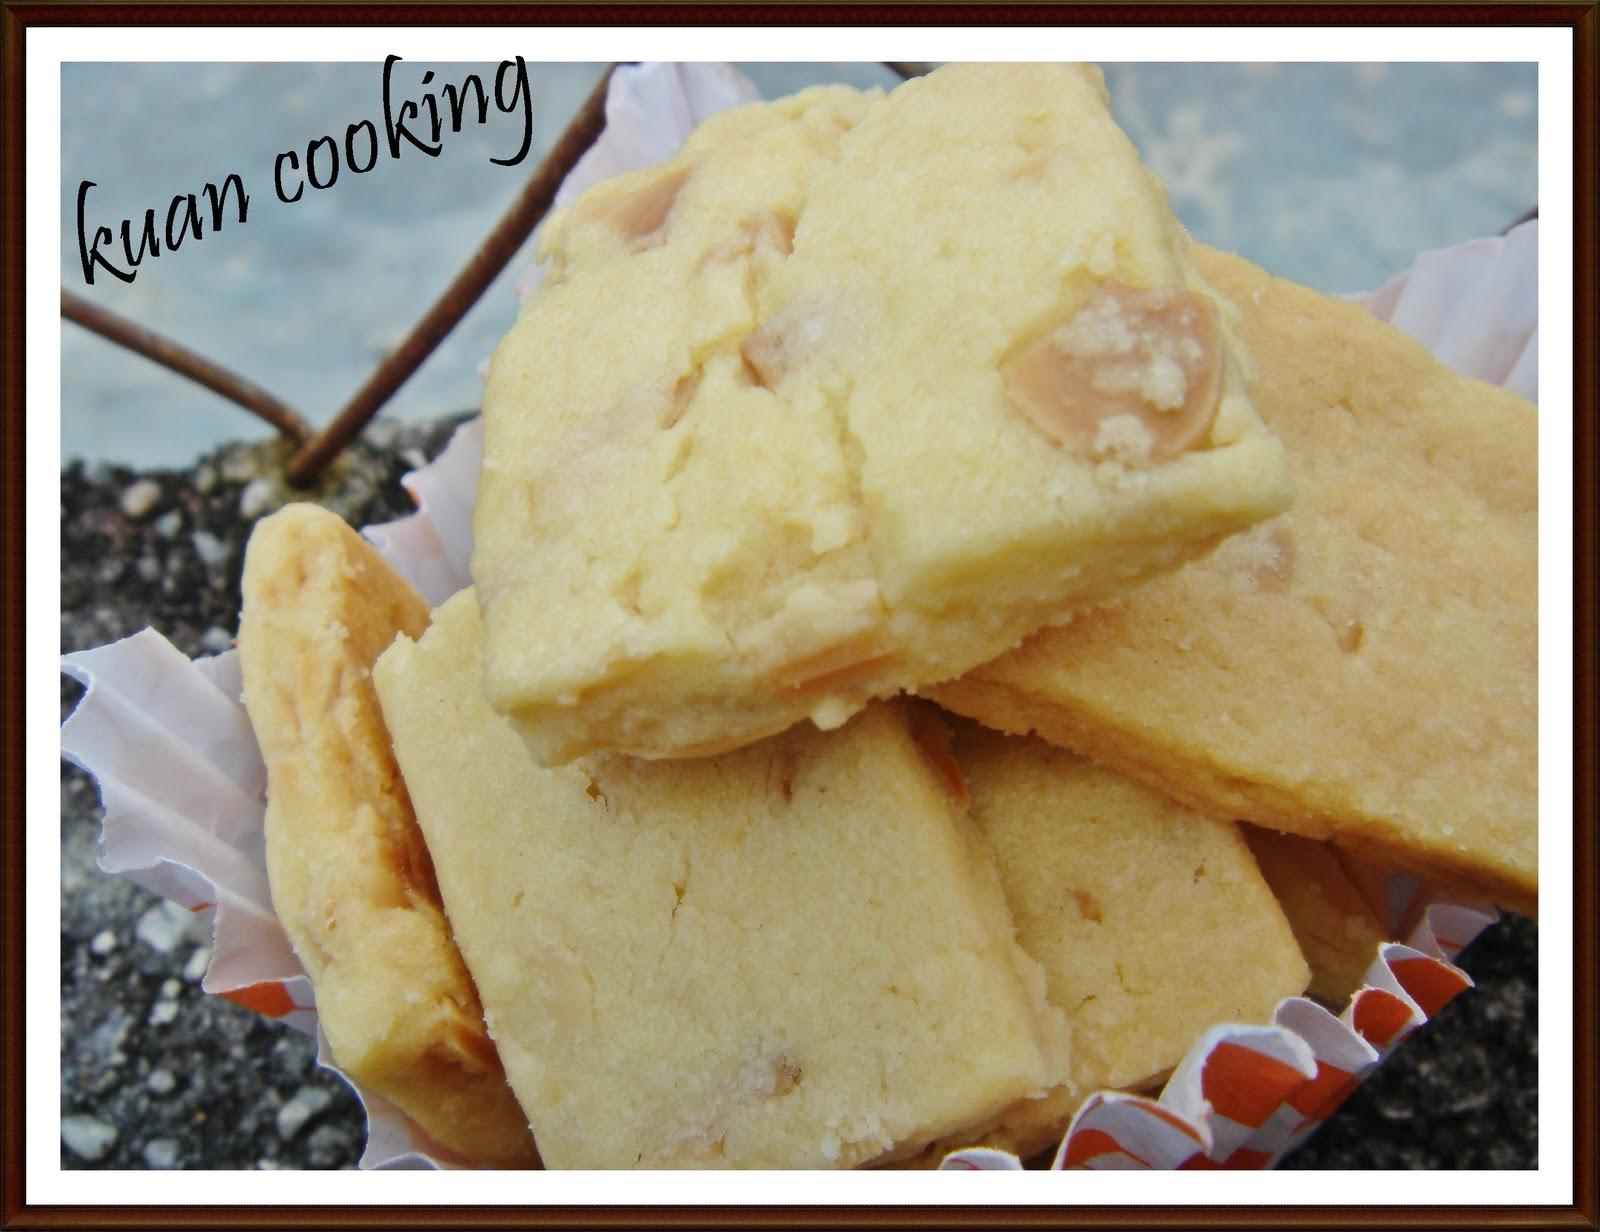 kuan cooking: 杏仁牛油餅~